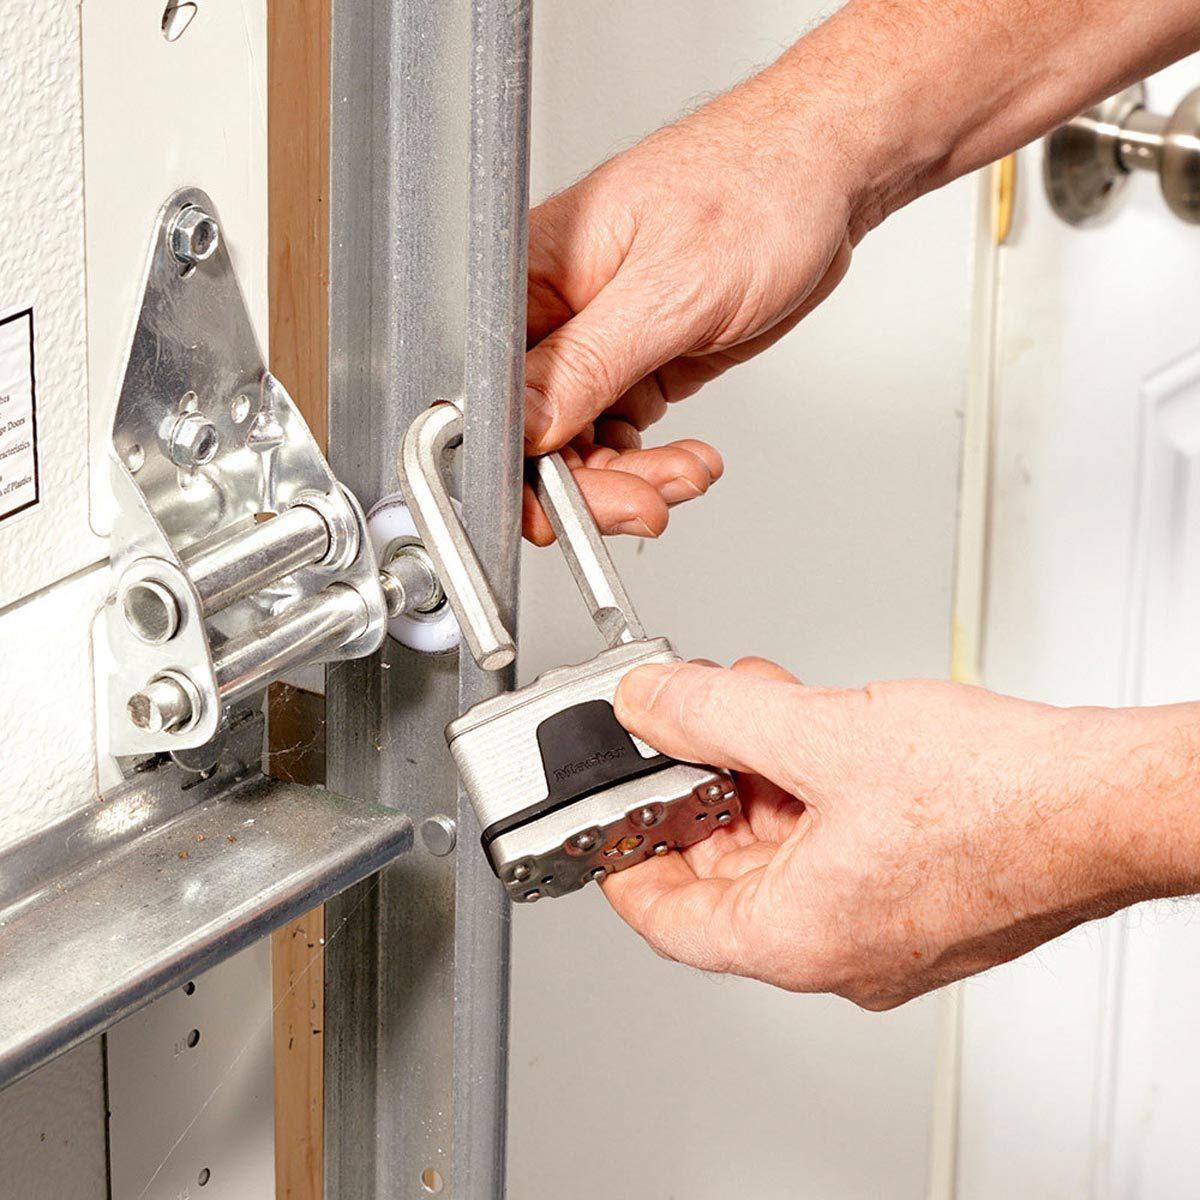 Lock the overhead garage door